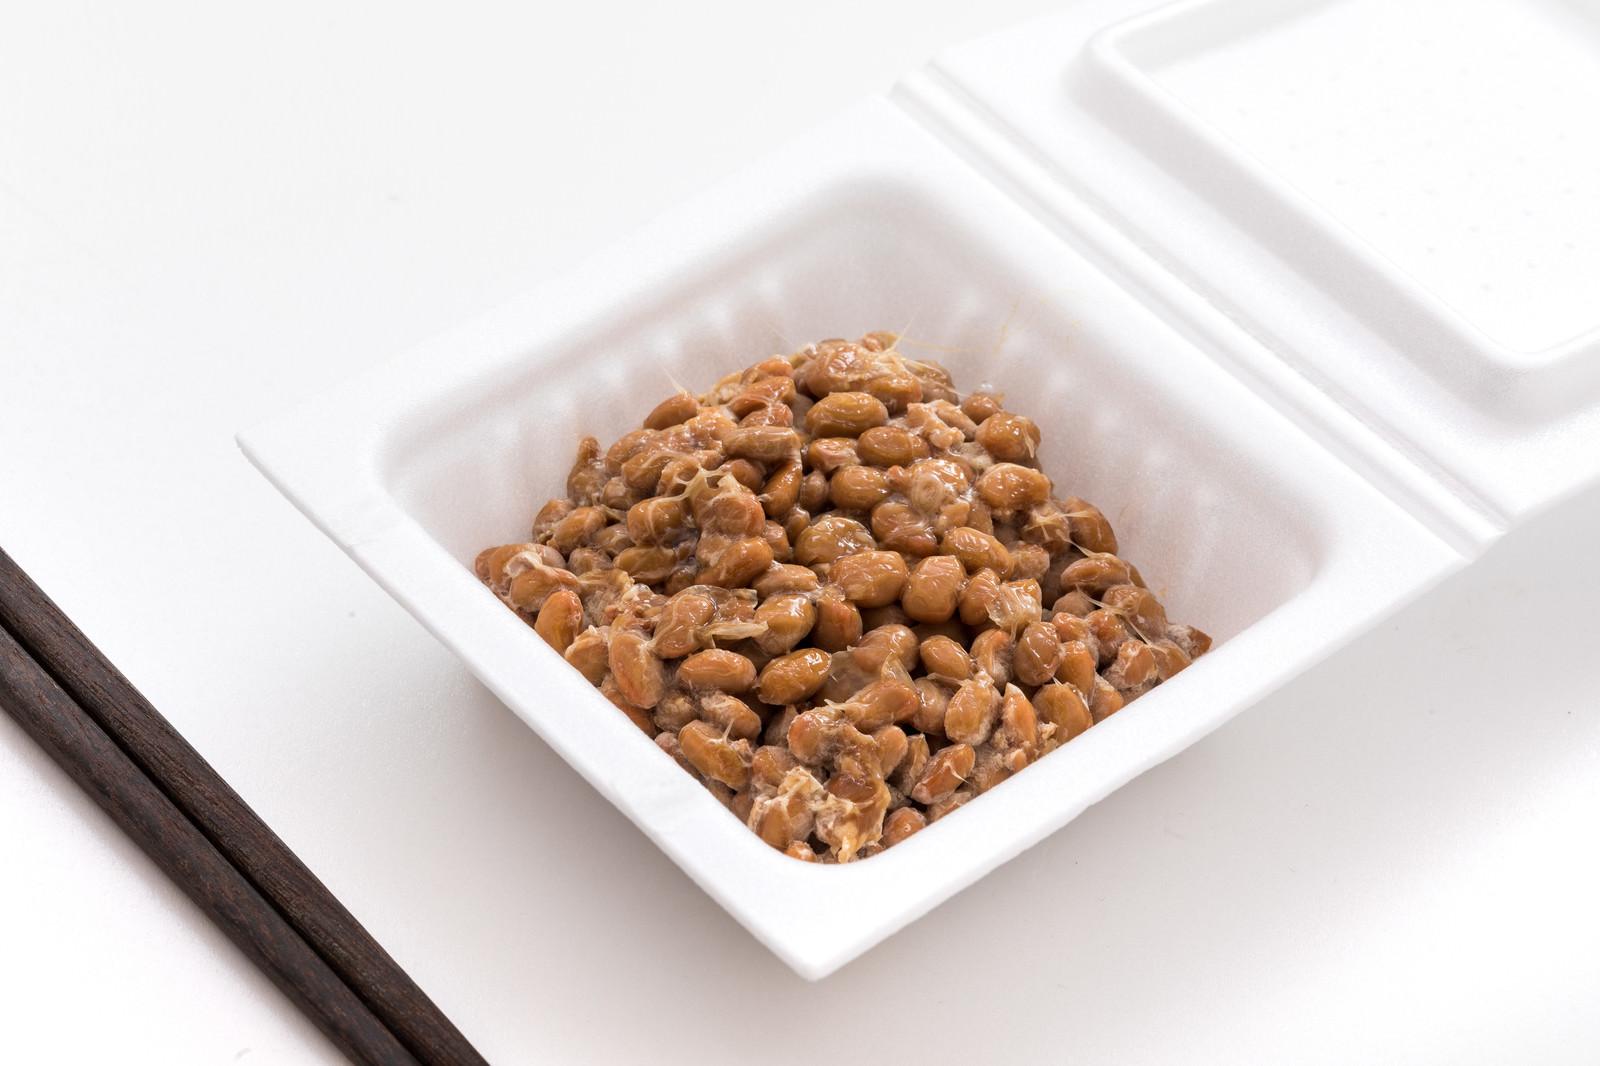 「パックに入った納豆を食べるよ」の写真